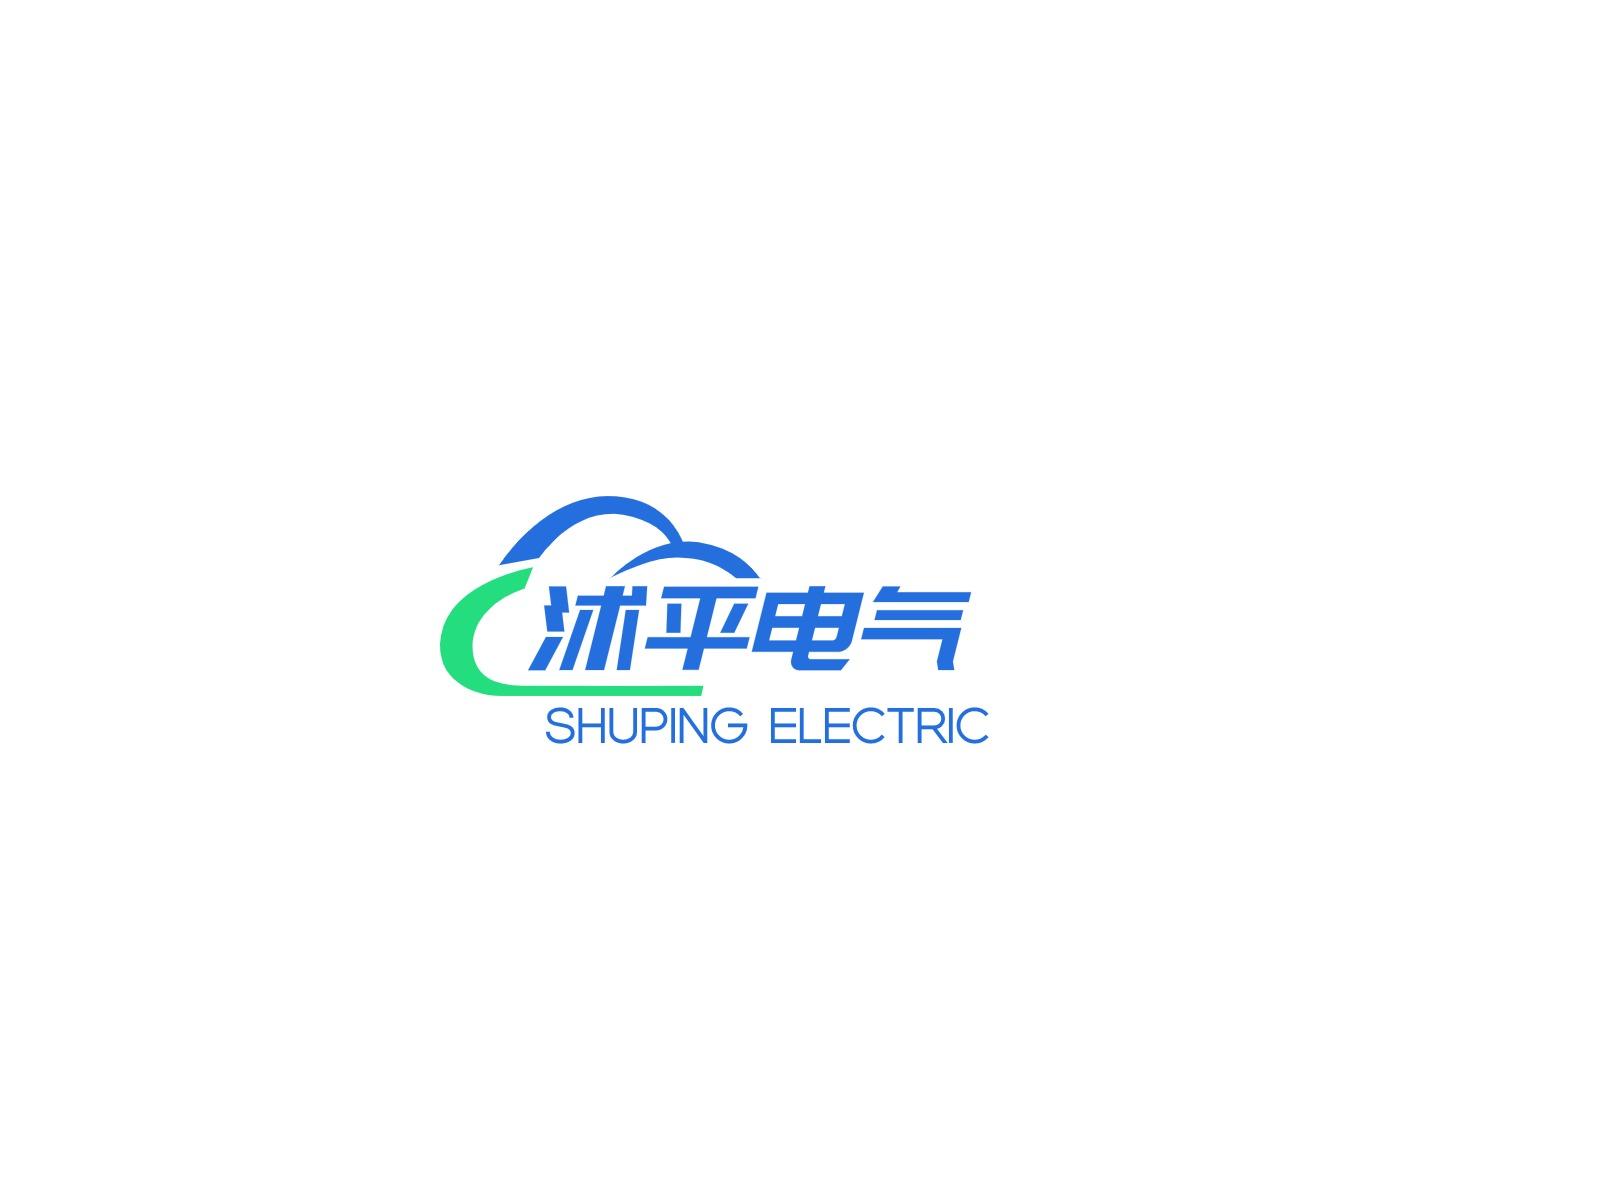 上海沭平电气科技有限公司